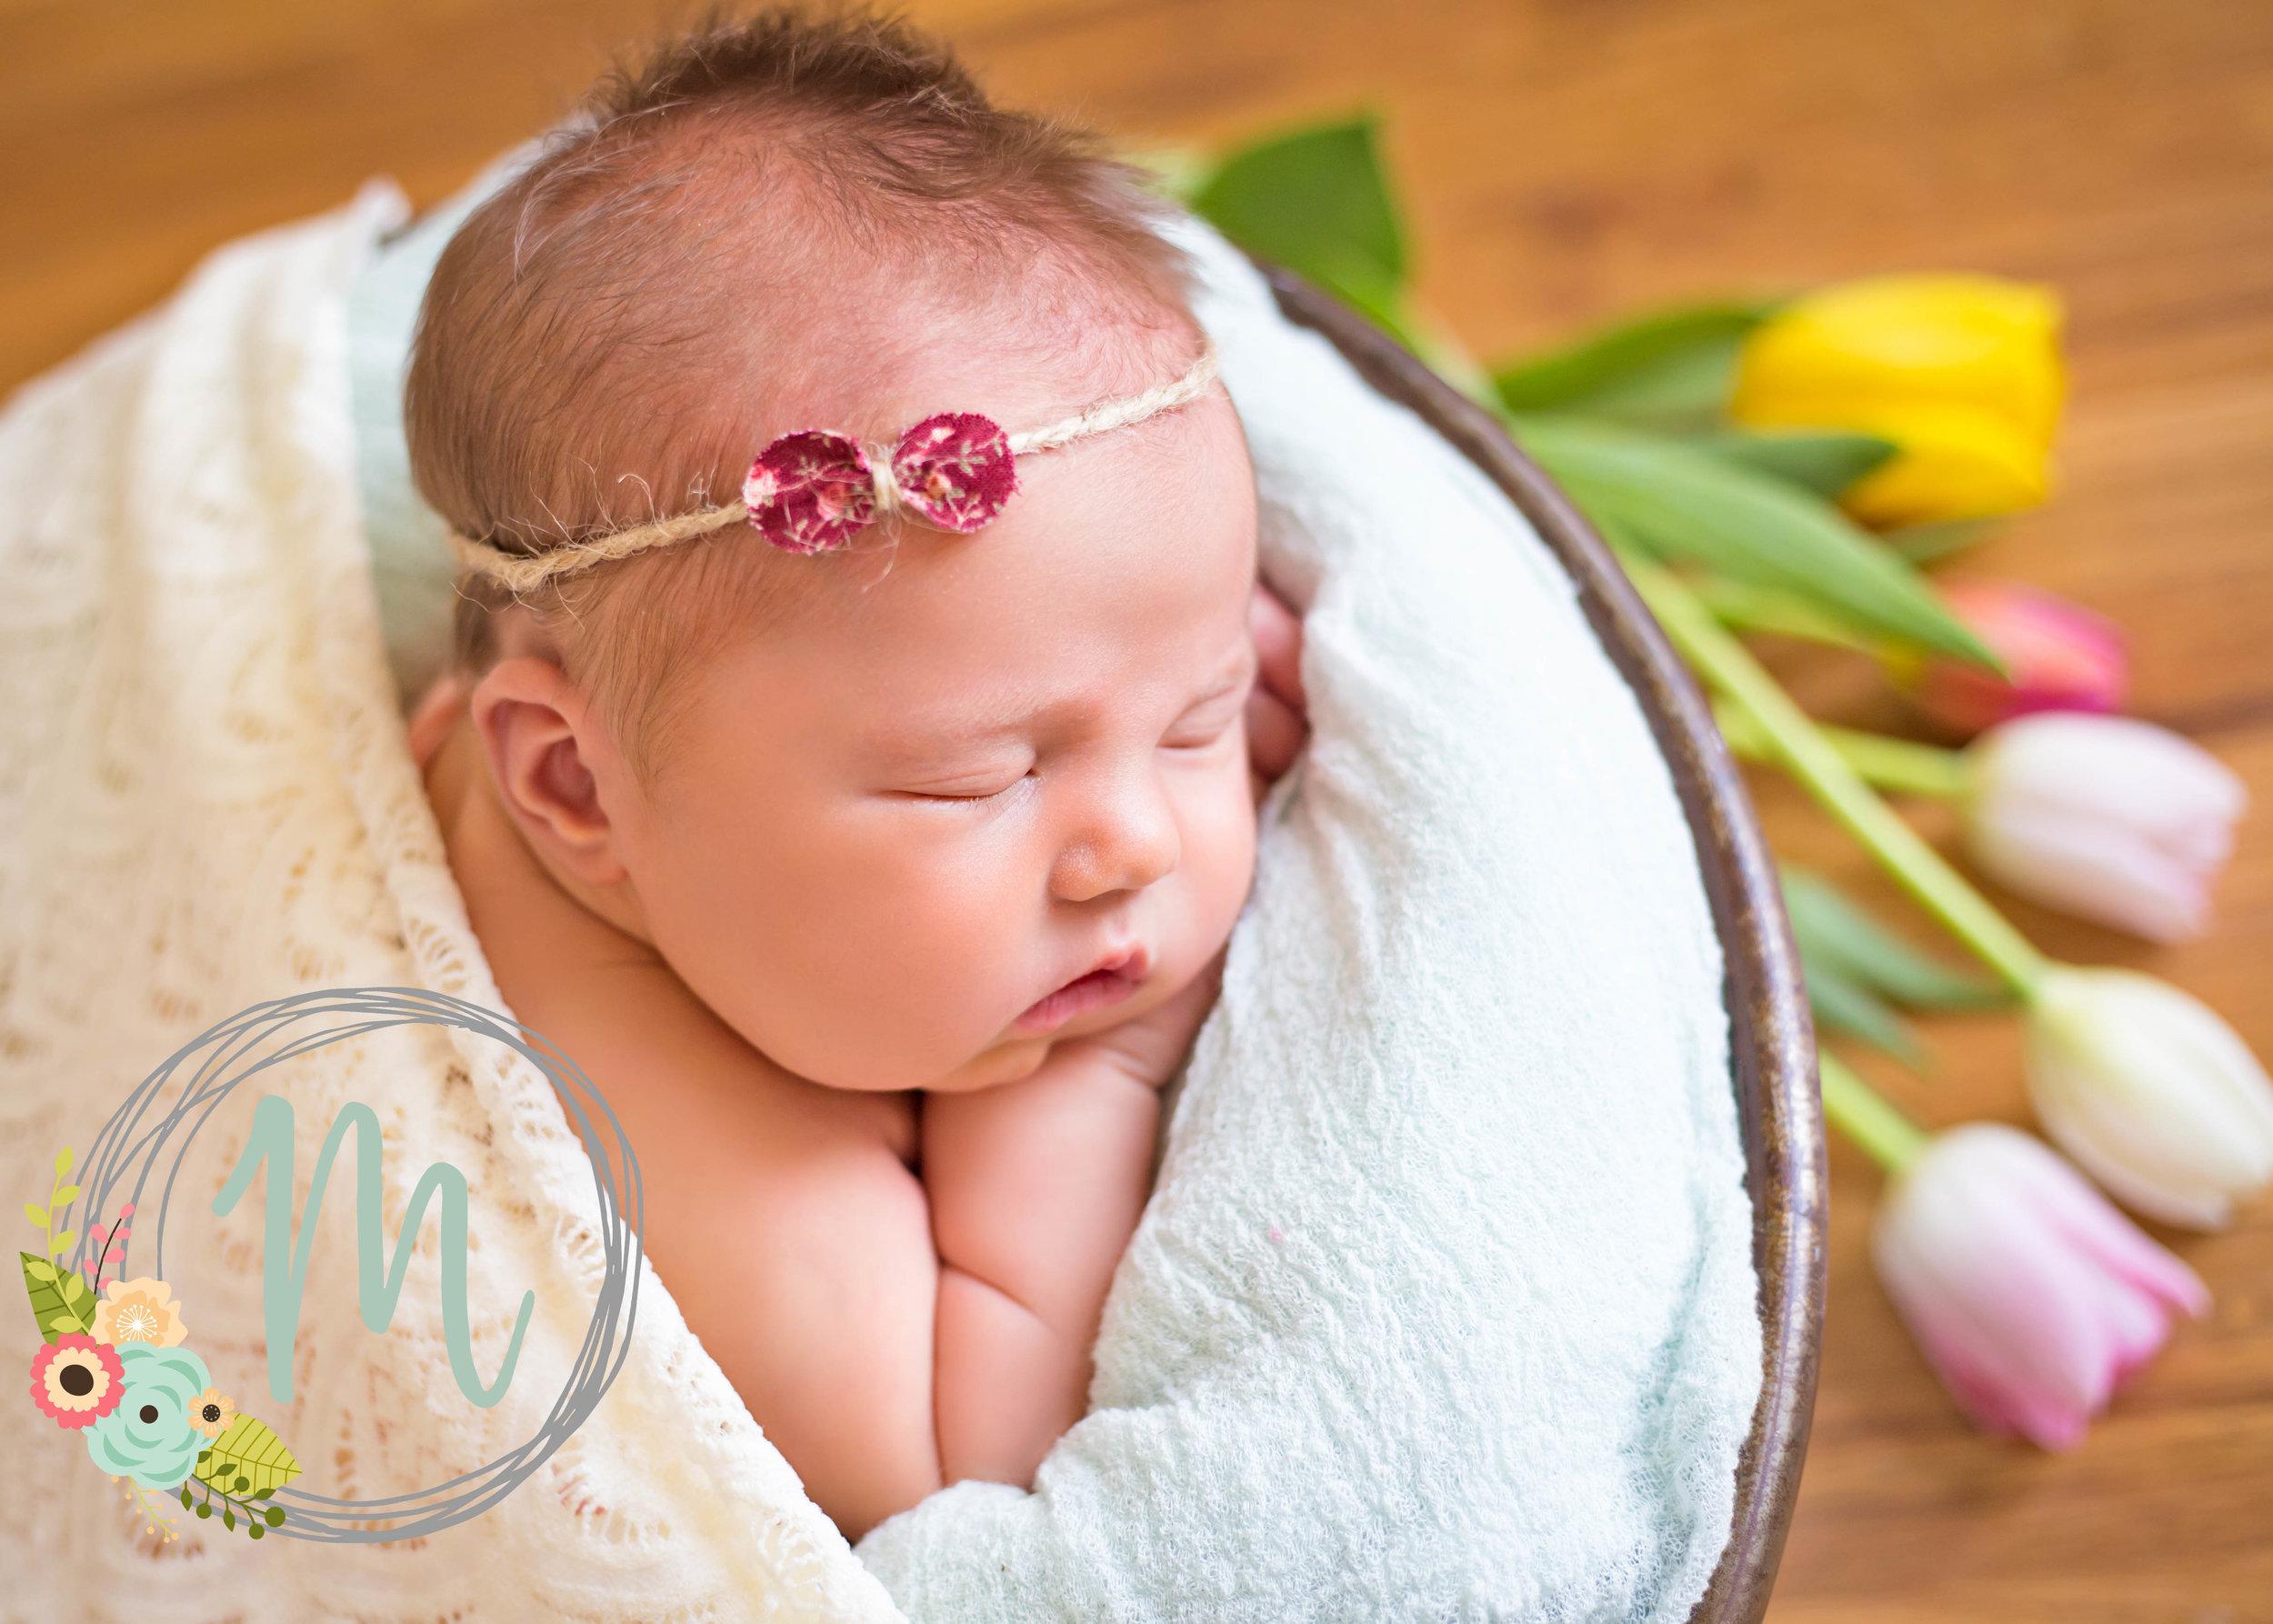 Utah Newborn Photographer - Baby girl pose with tulips